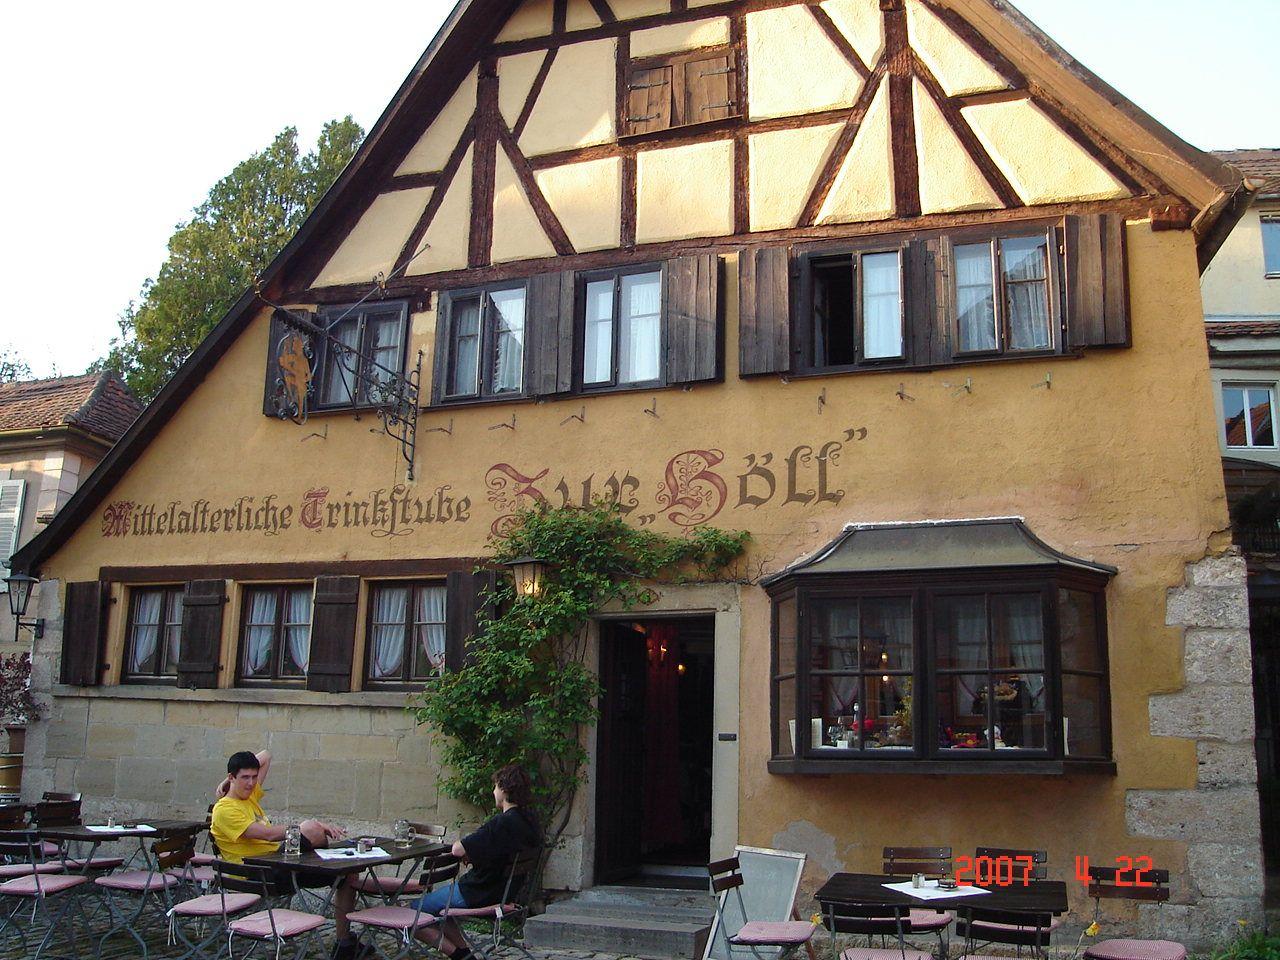 Zur Höll - Mittelalterliche Trinkstube in Rothenburg ob der Tauber, Bayern